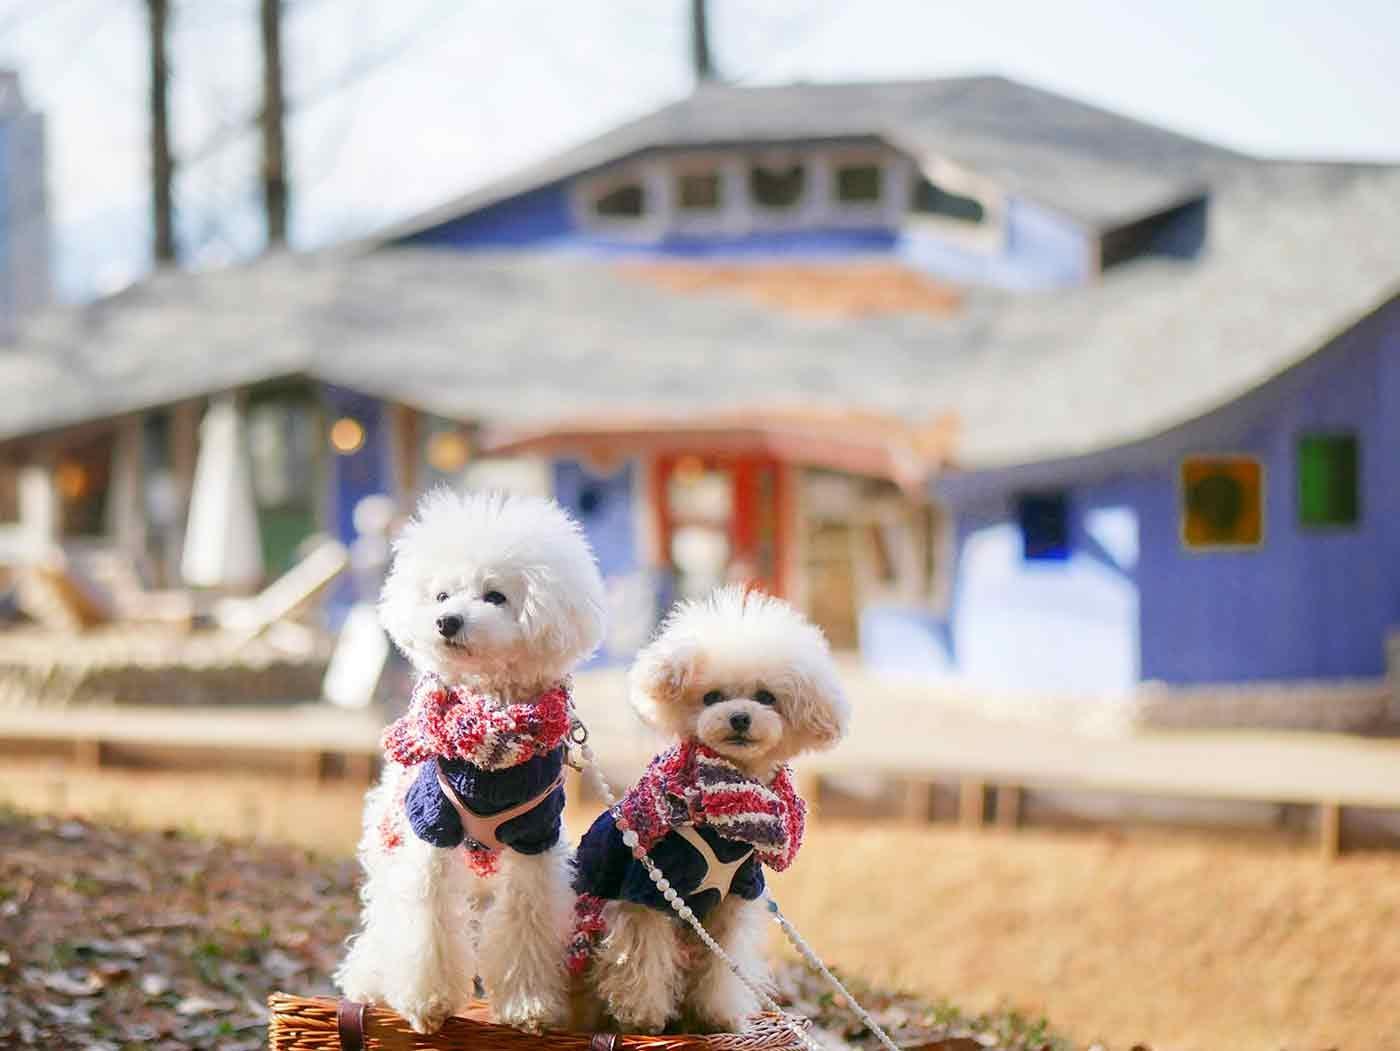 【埼玉】愛犬とムーミンの世界にいこう♪トーベ・ヤンソンあけぼの子どもの森公園とジョンソンタウンにお出かけ